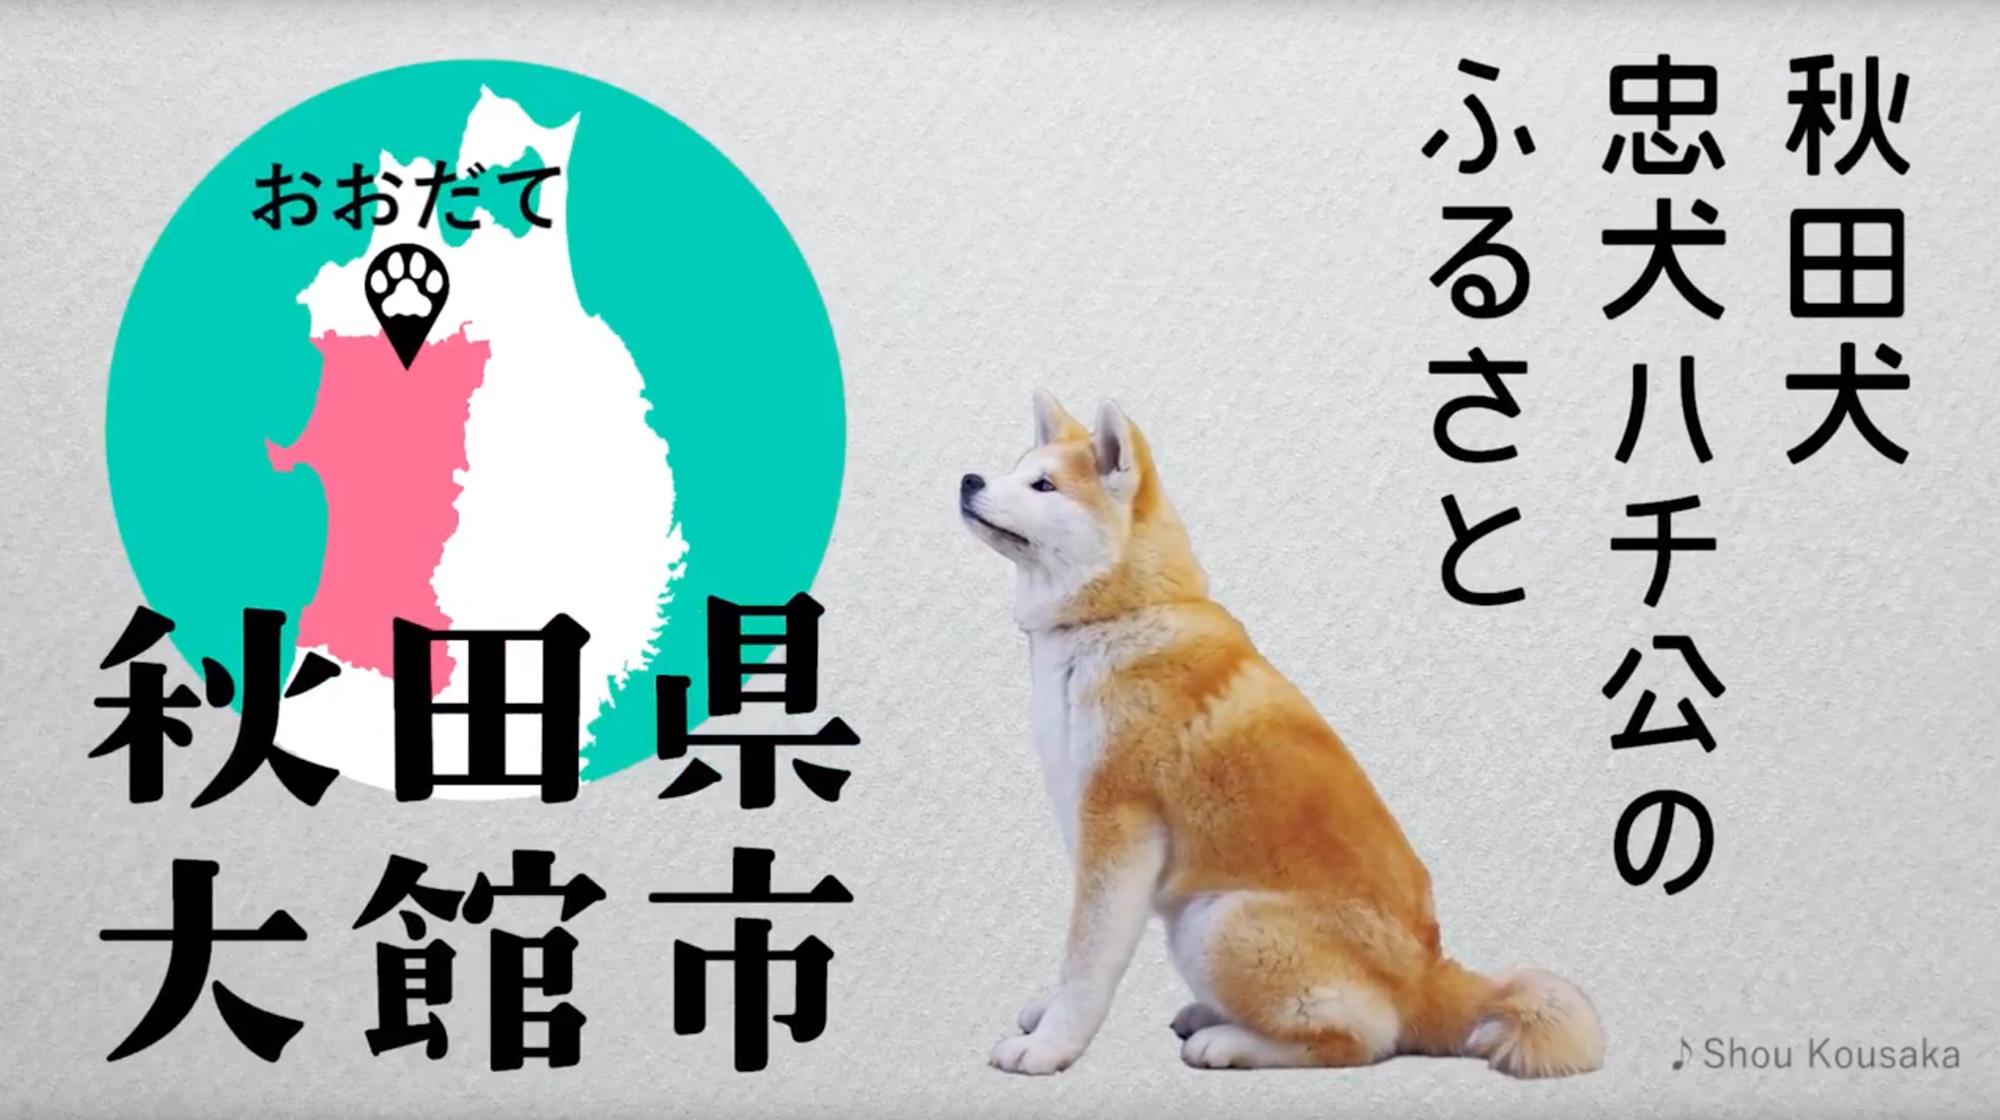 阪急ターミナルビジョン「BIGMAN」「美の国あきた」プロモーション in 大阪2018 大館市PR映像